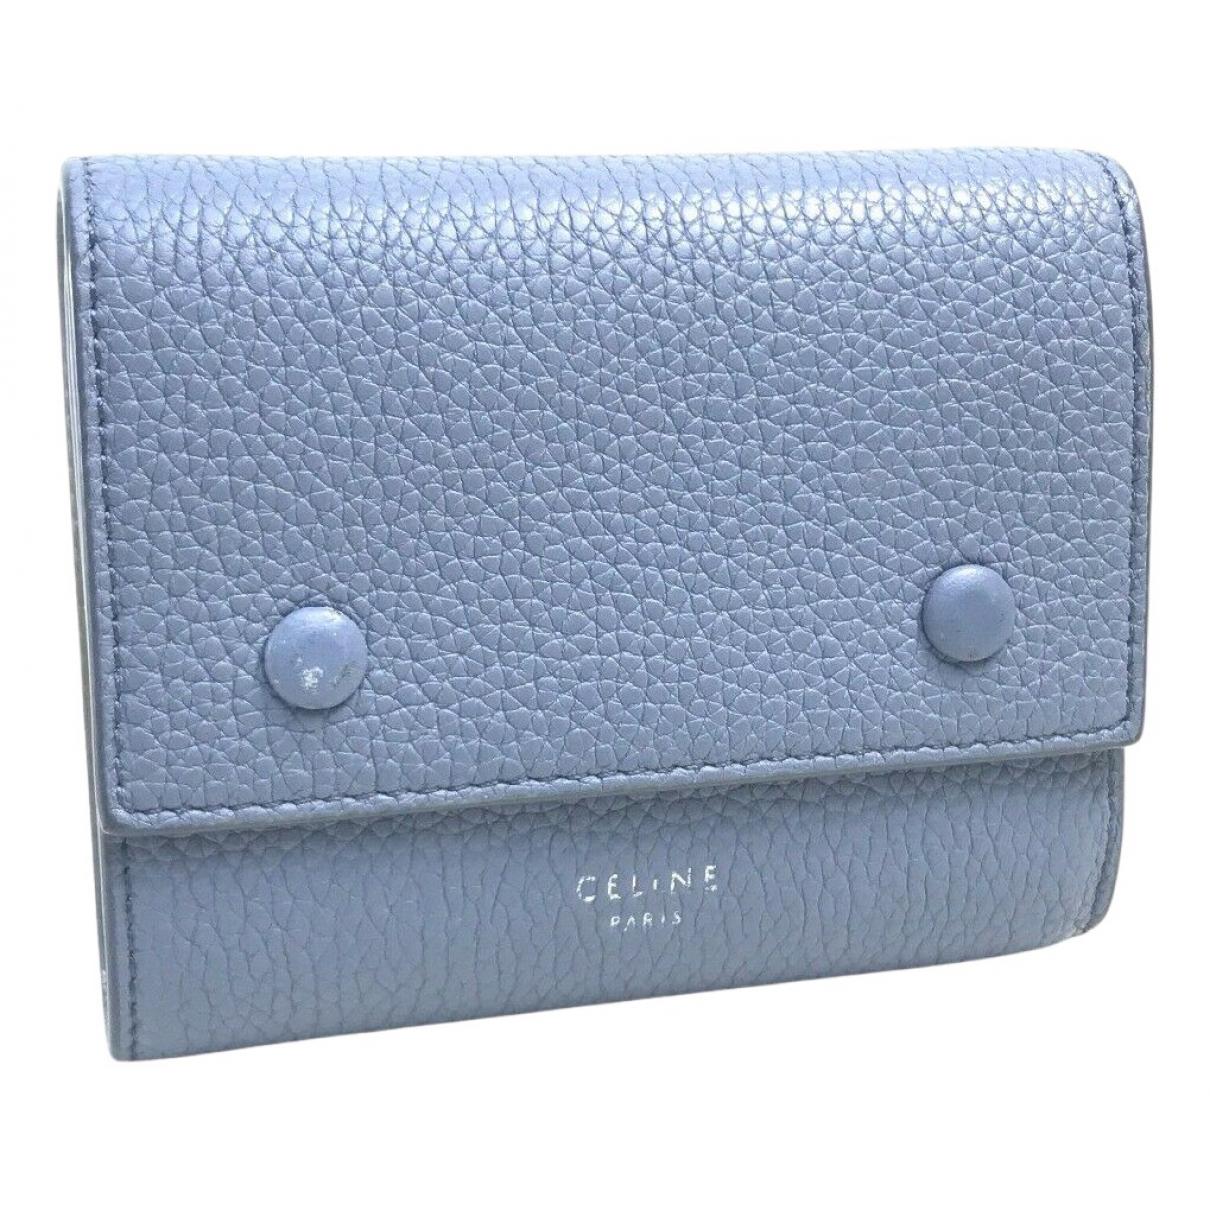 Celine \N Portemonnaie in  Blau Leder